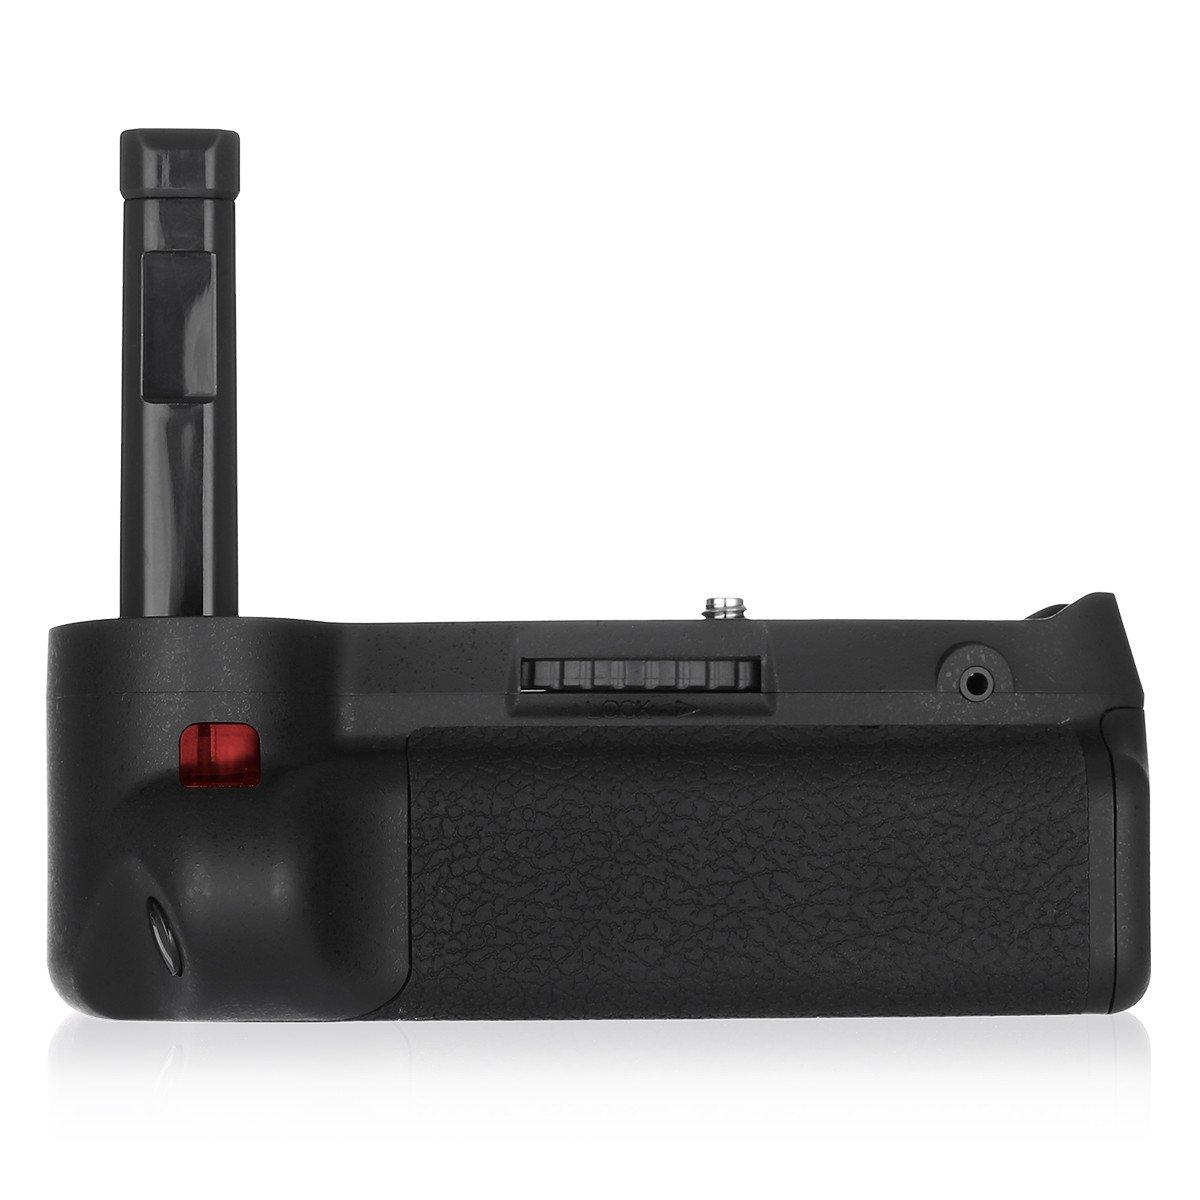 Powerextra Battery Grip for NIKON D3100/D3200/D3300/D5300 SLR Digital Camera Work With 2 pcs EN-EL14/EN-EL14A Batteries or 6 AA-size Batteries